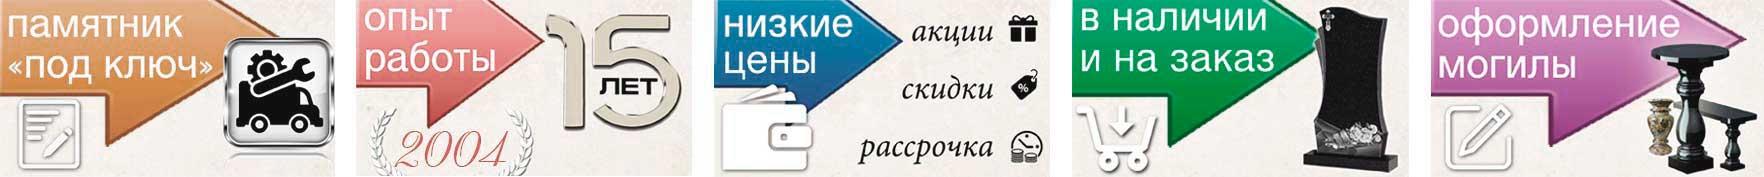 инфографика памятники